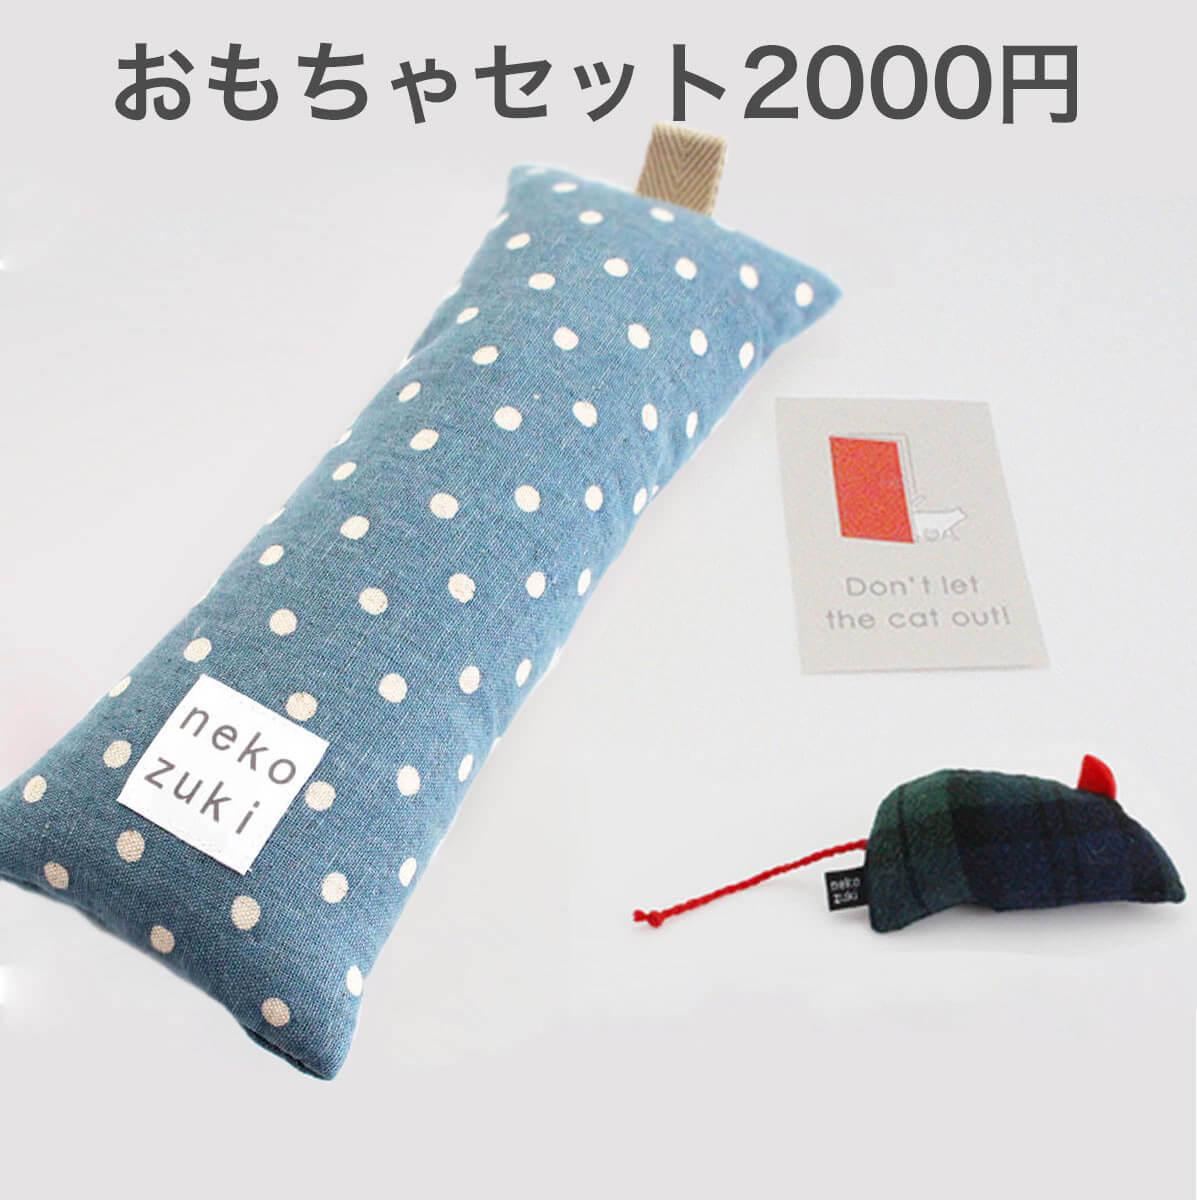 日本製 猫 おもちゃ 2000円 セット 福袋 けりぐるみ ぬいぐるみ 脱走防止